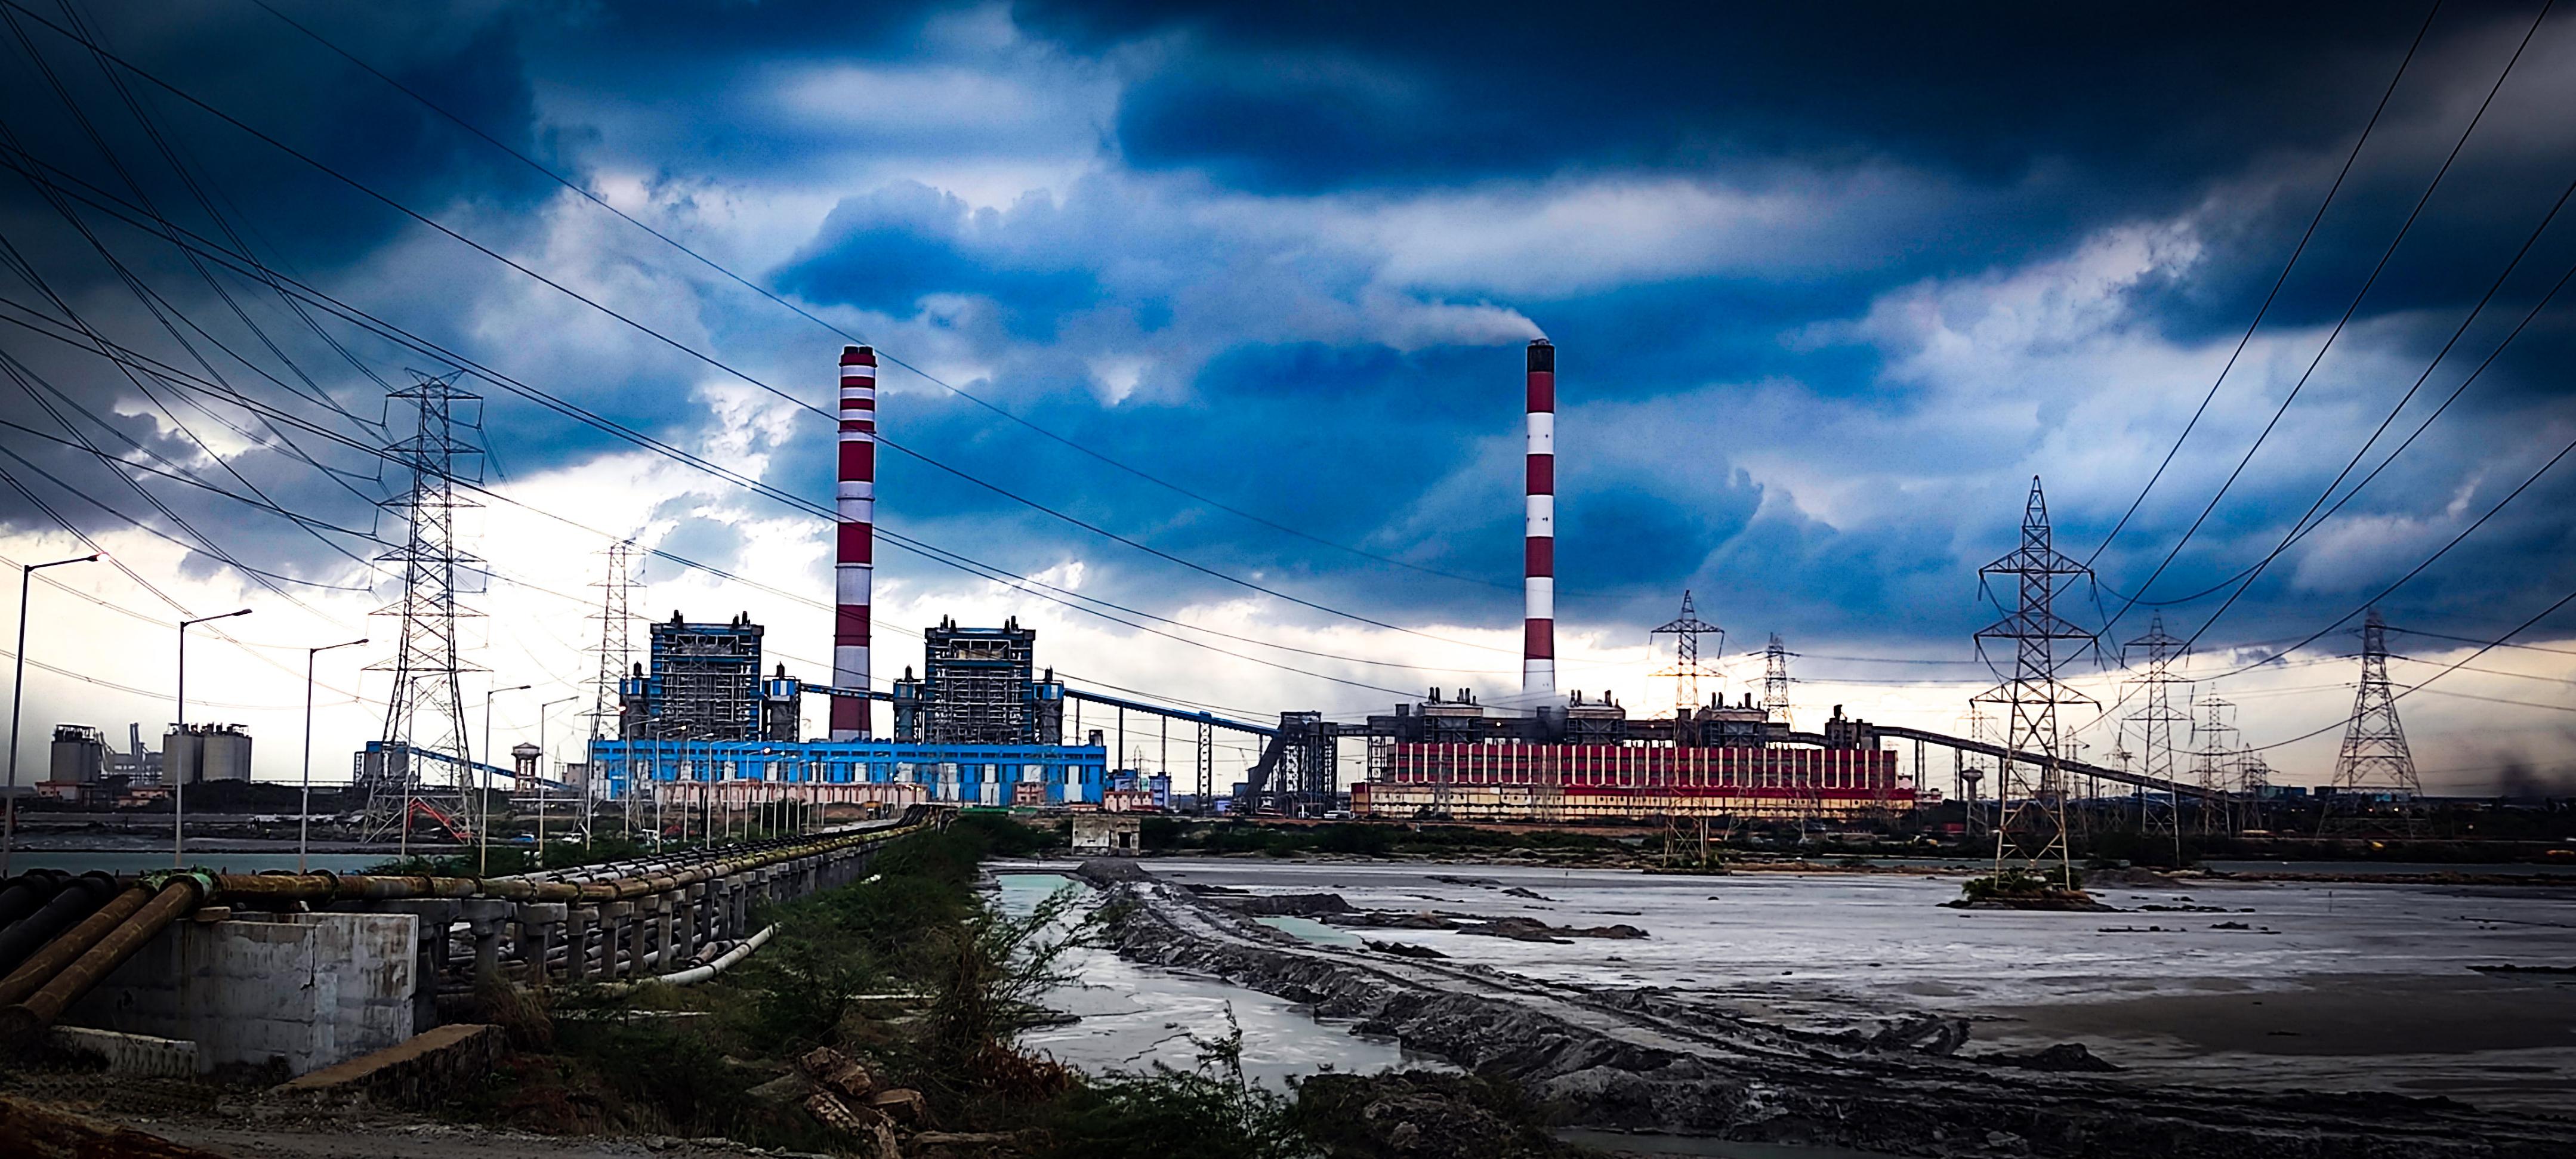 Factory under dark clouds